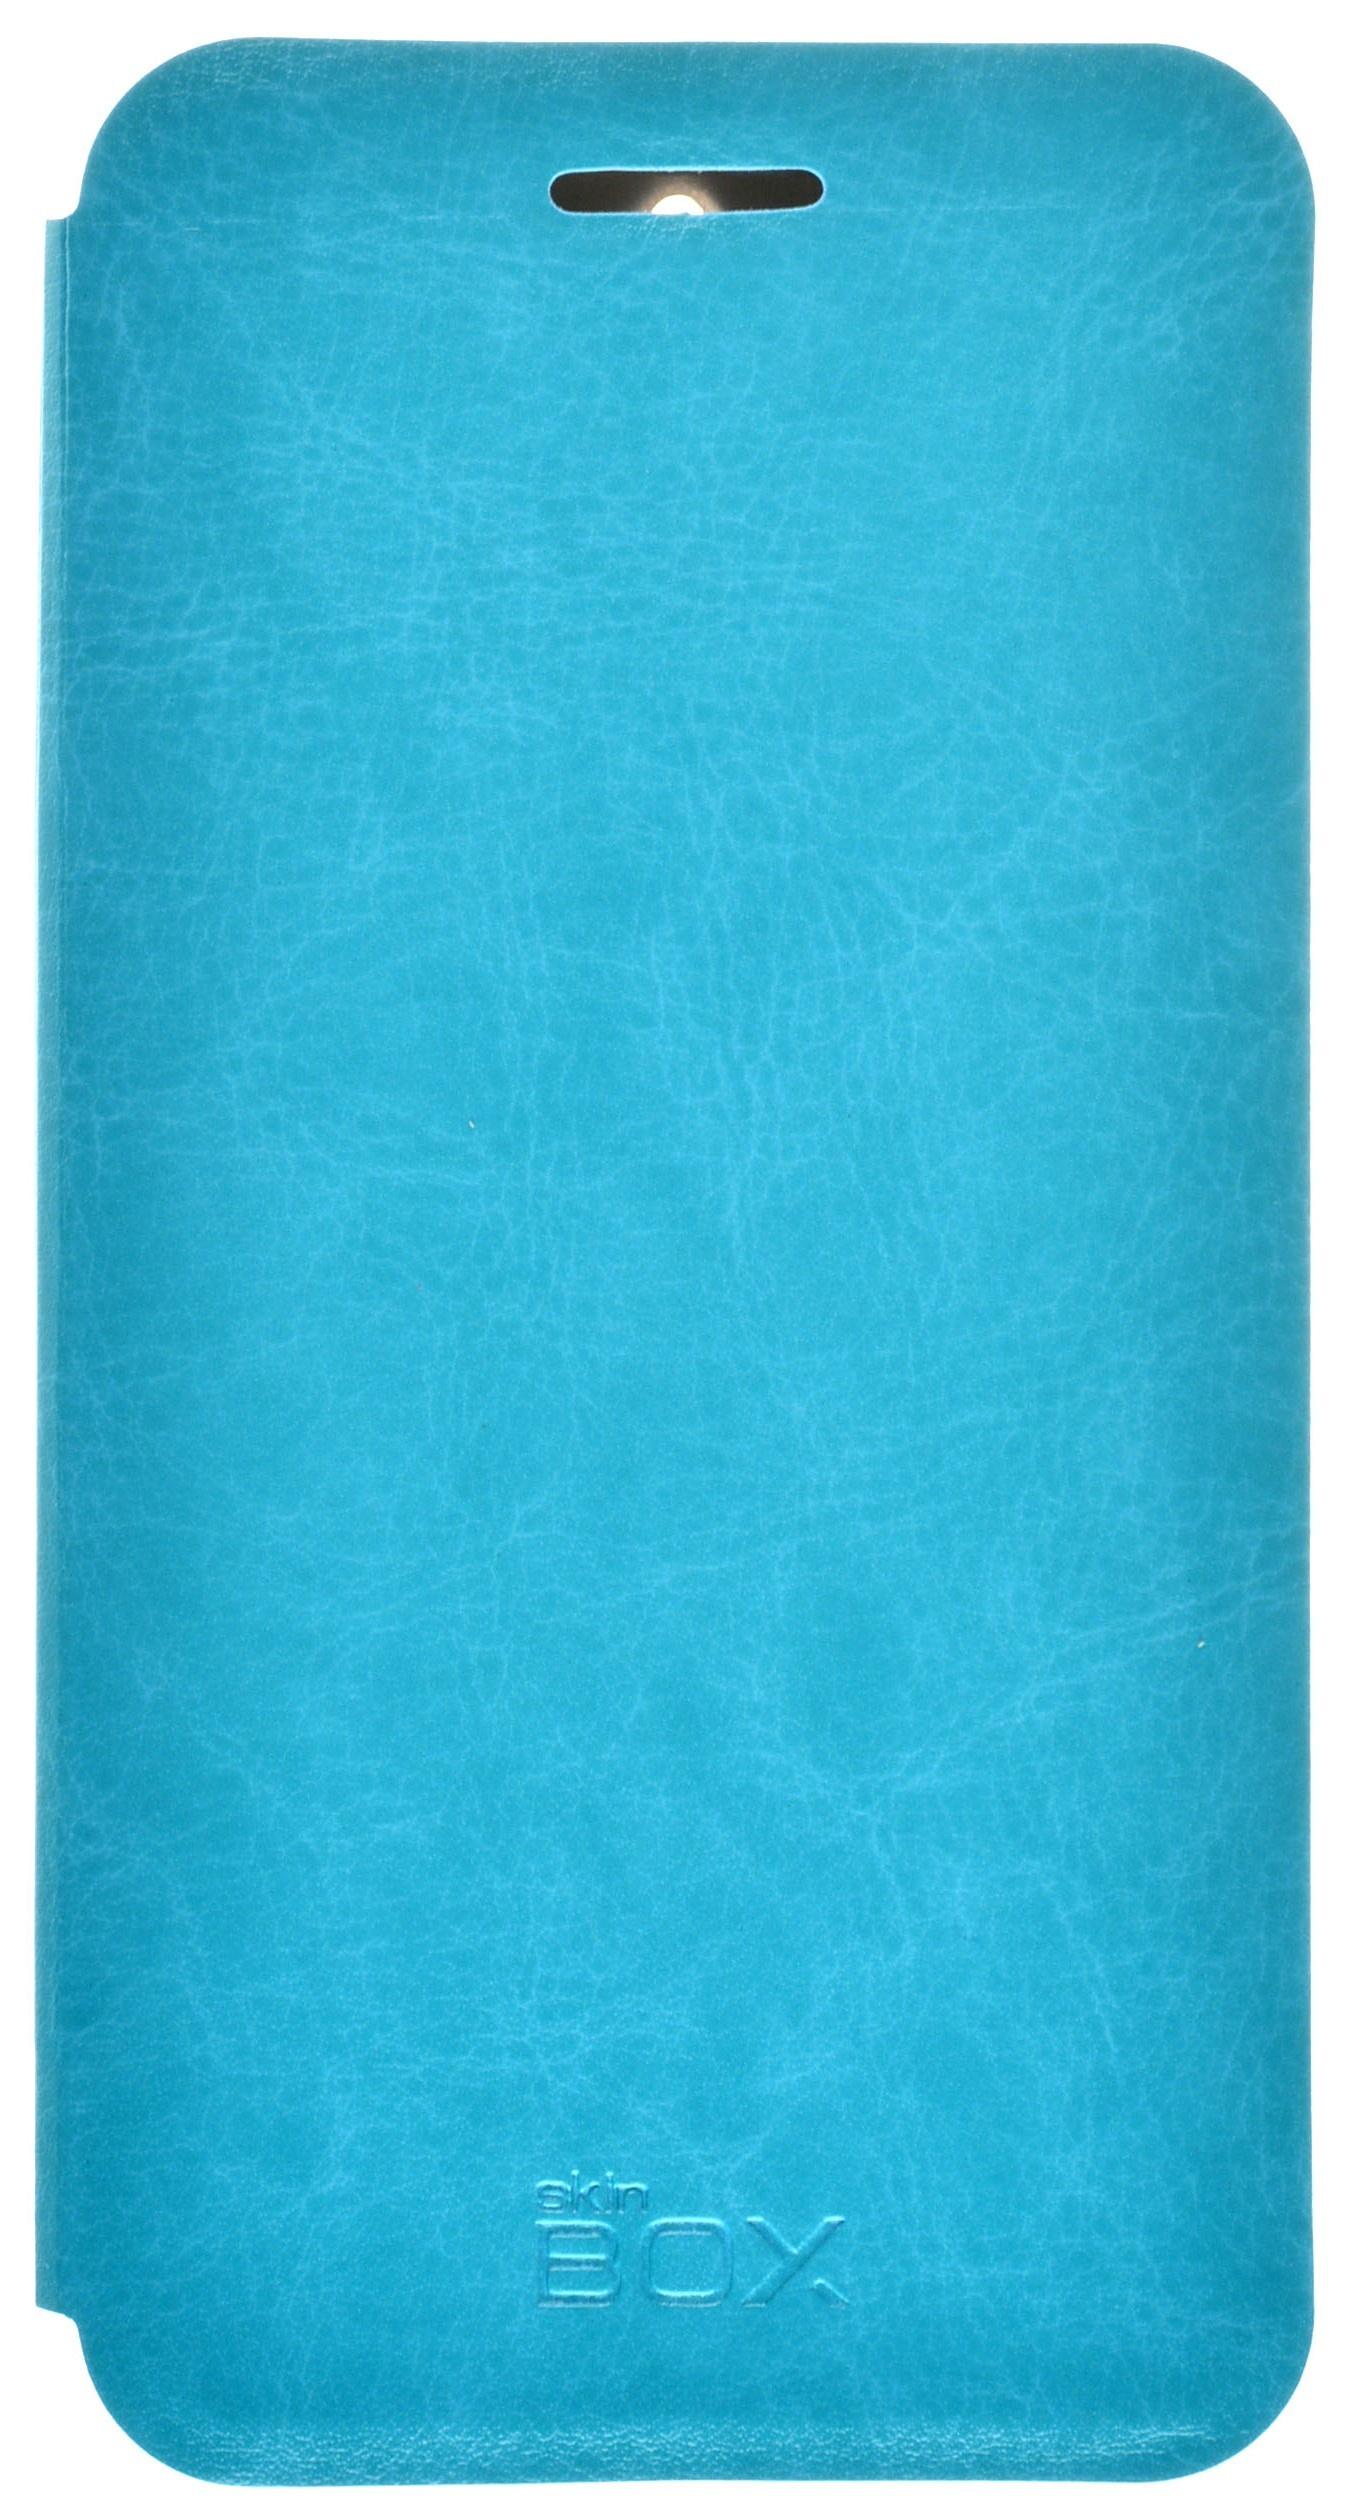 Чехол для сотового телефона skinBOX Lux, 4630042528116, синий